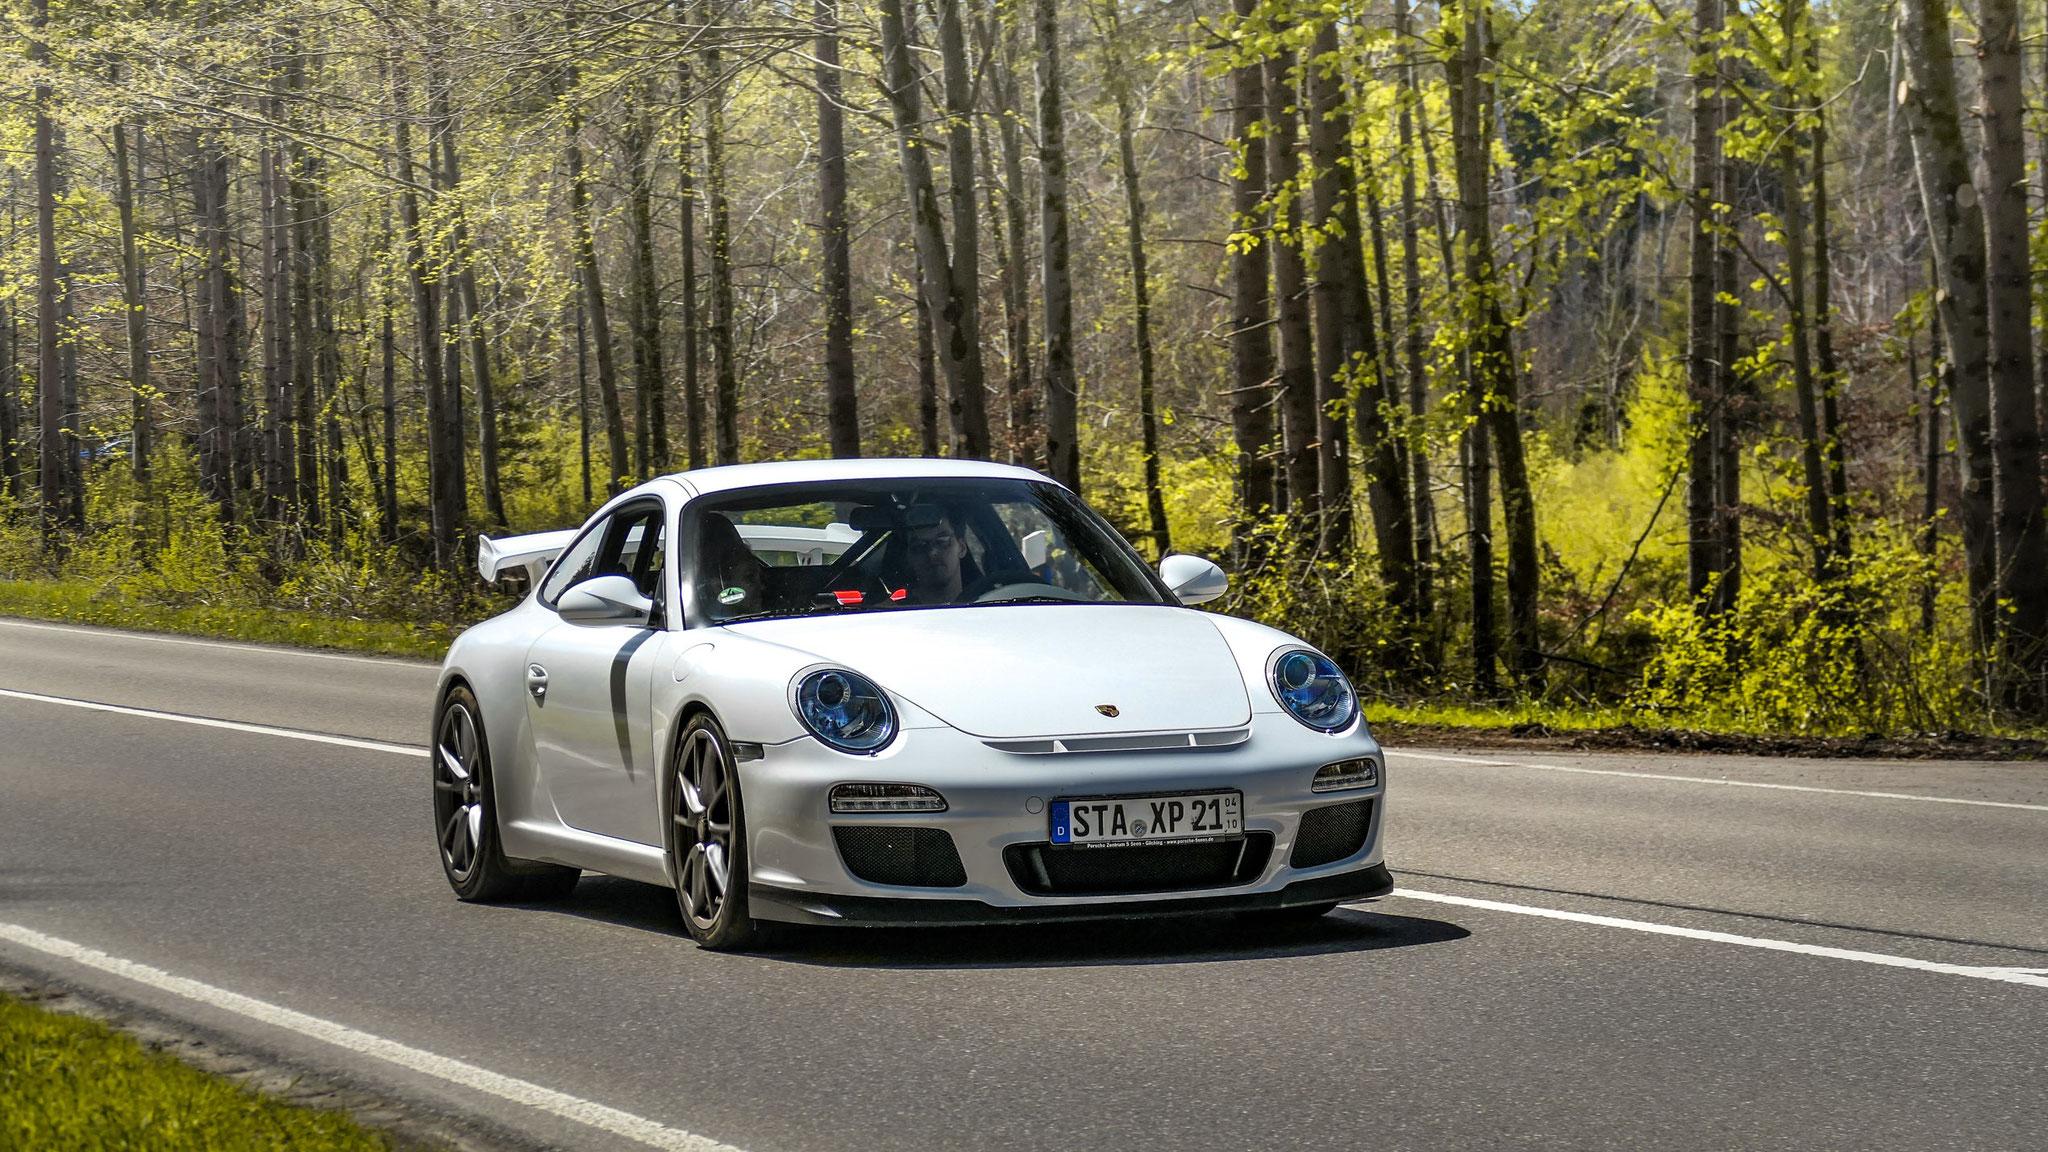 Porsche GT3 997 - STA-XP-21